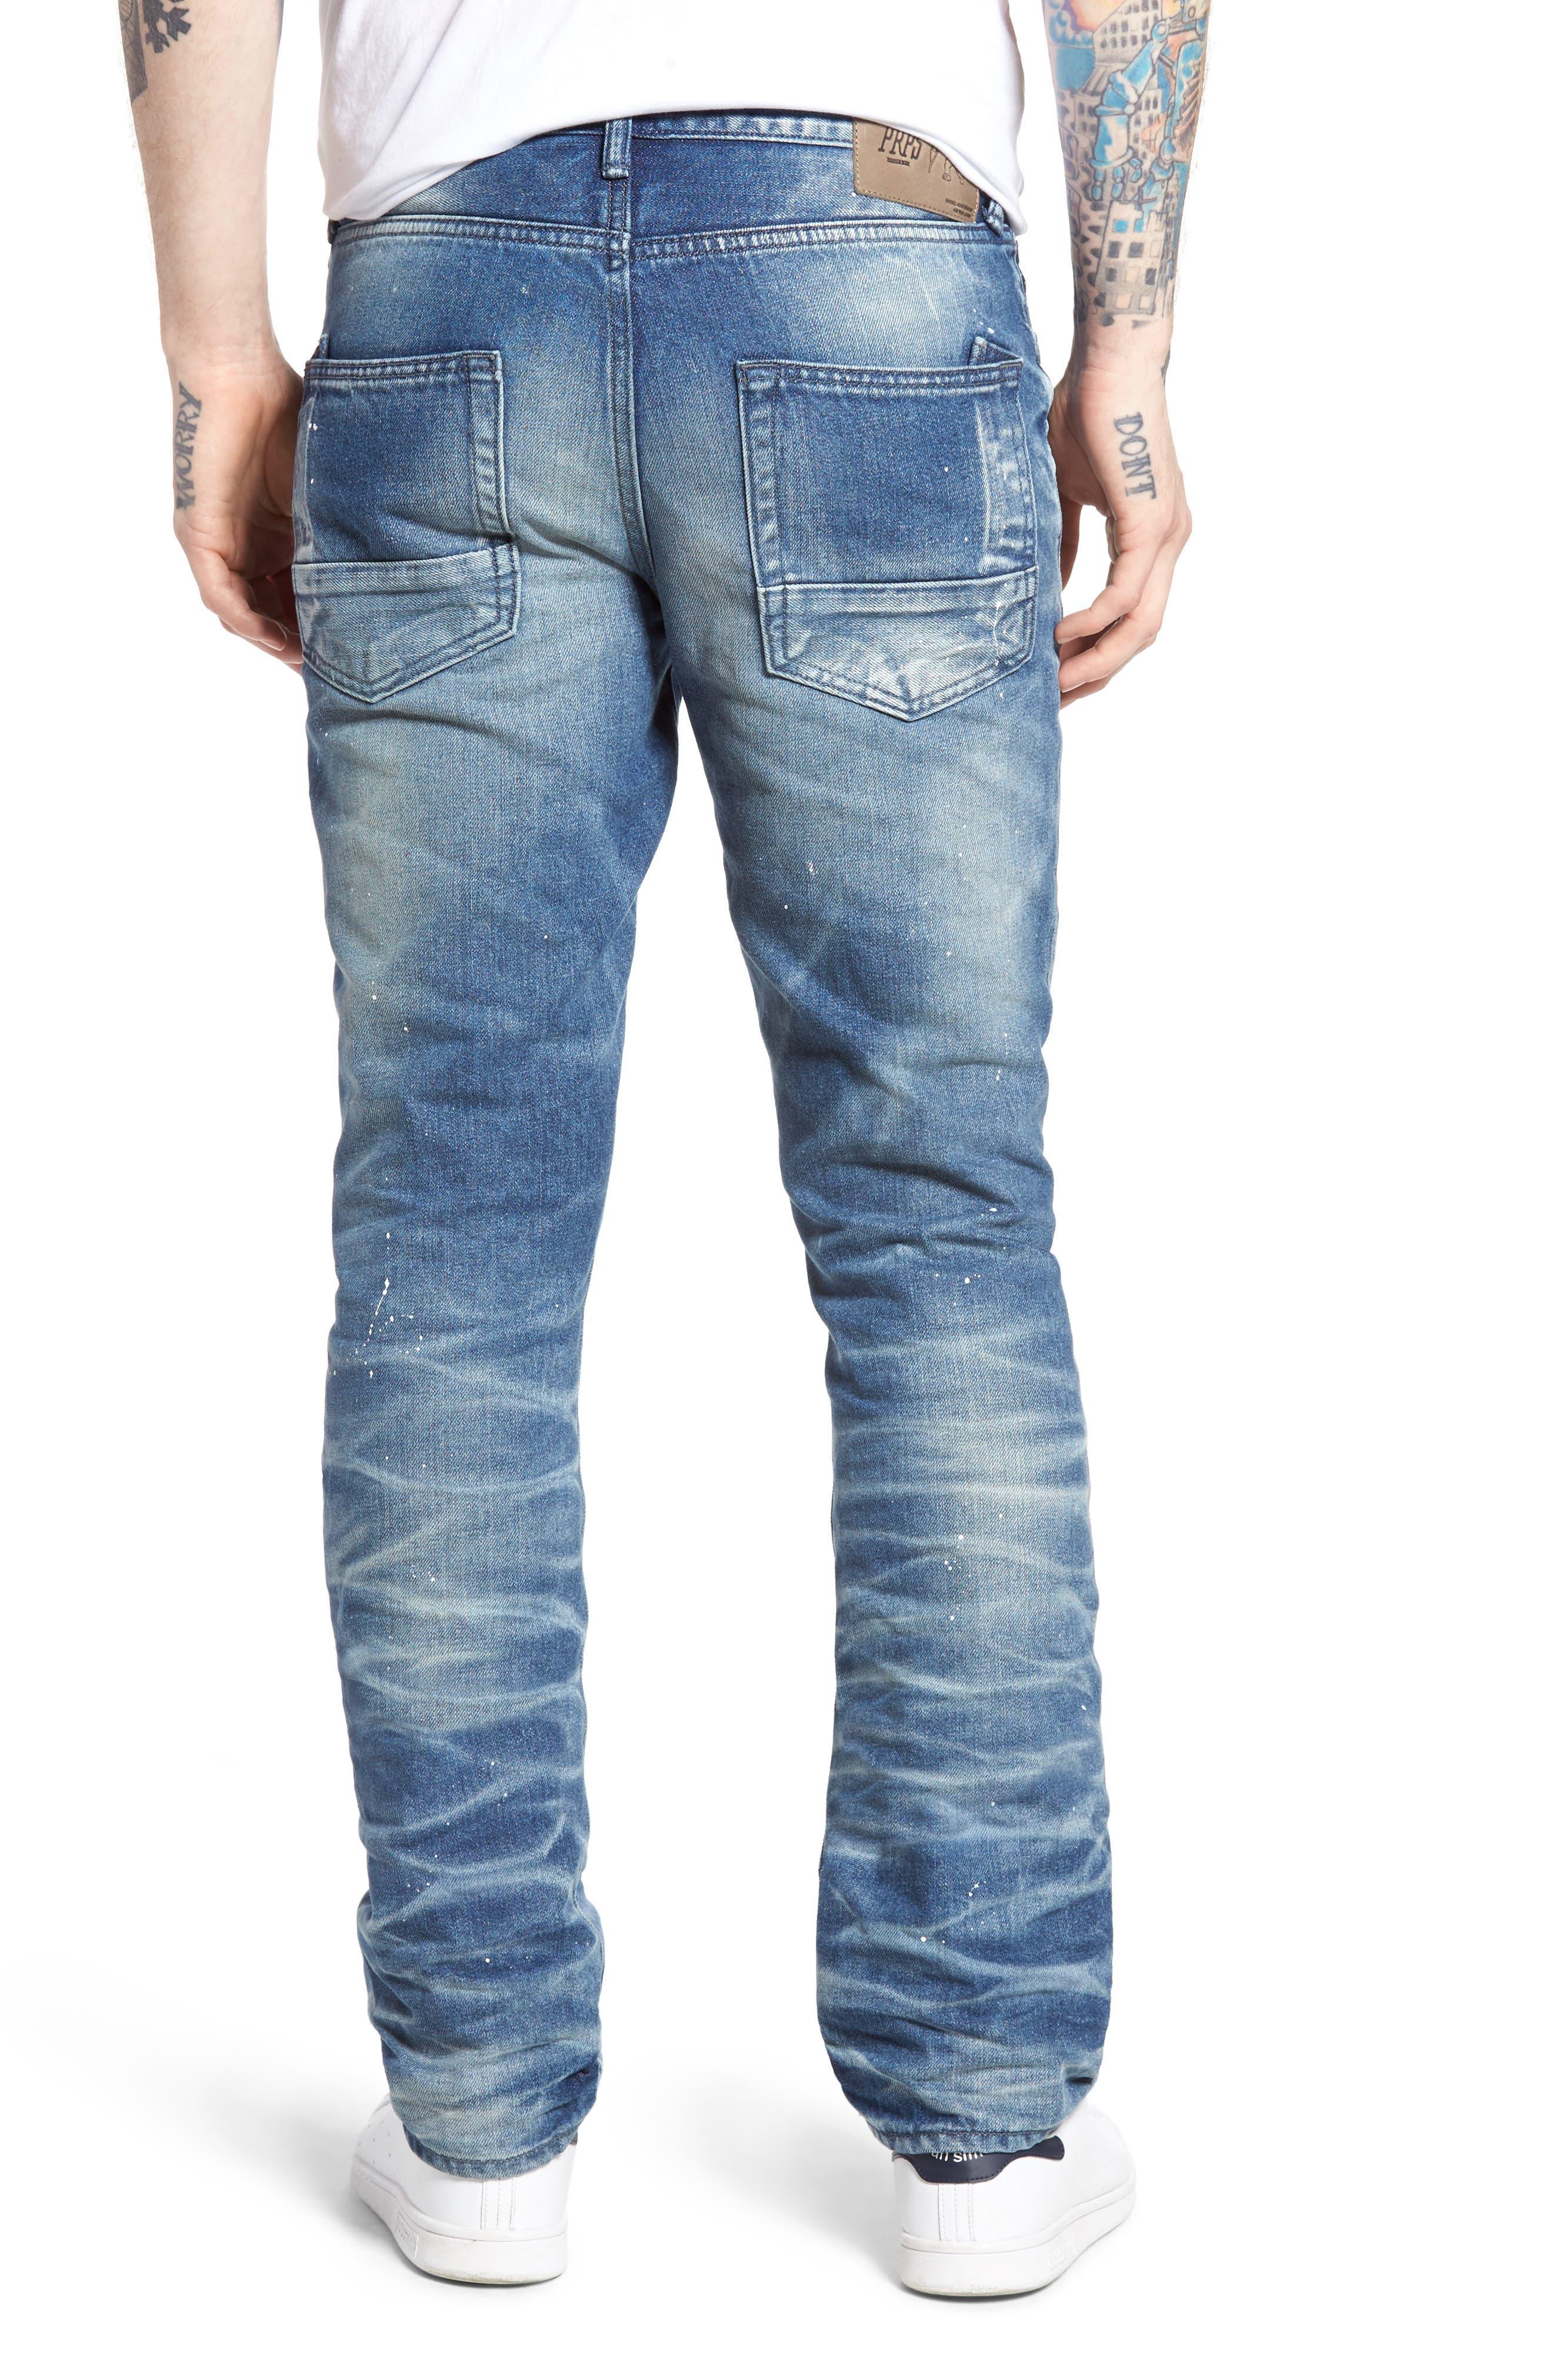 Demon Slim Straight Leg Jeans,                             Alternate thumbnail 2, color,